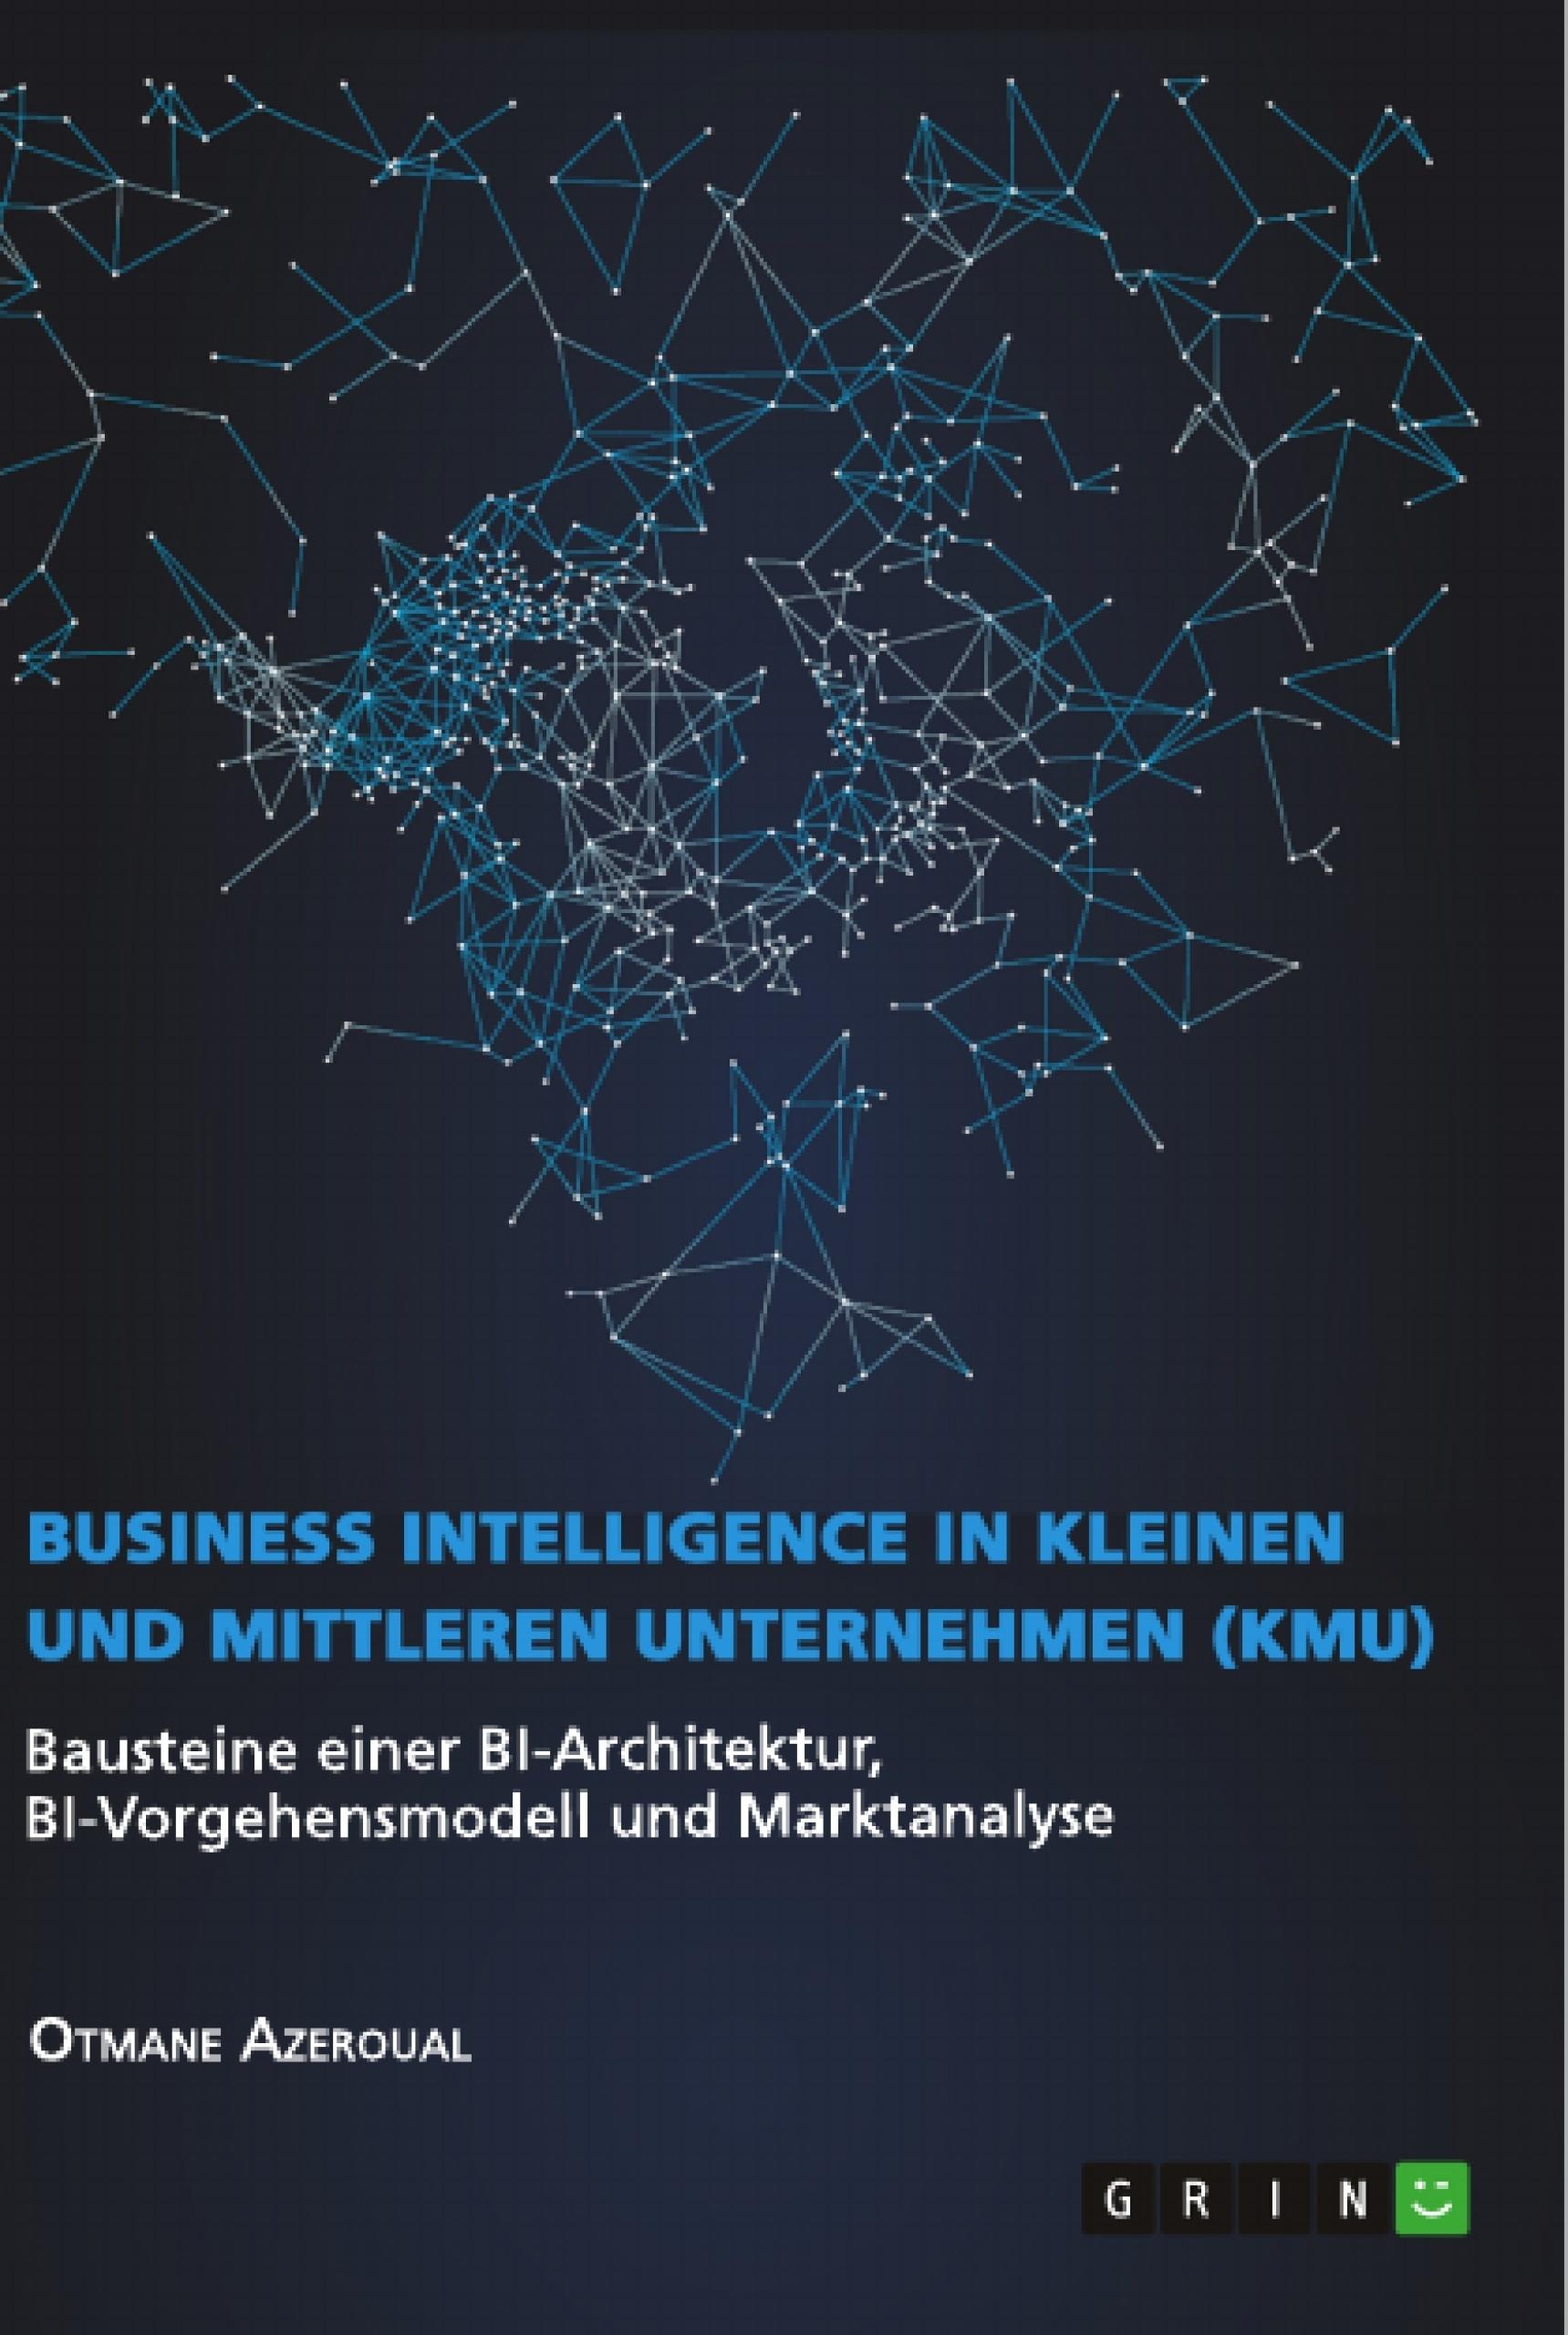 Titel: Business Intelligence in kleinen und mittleren Unternehmen (KMU)